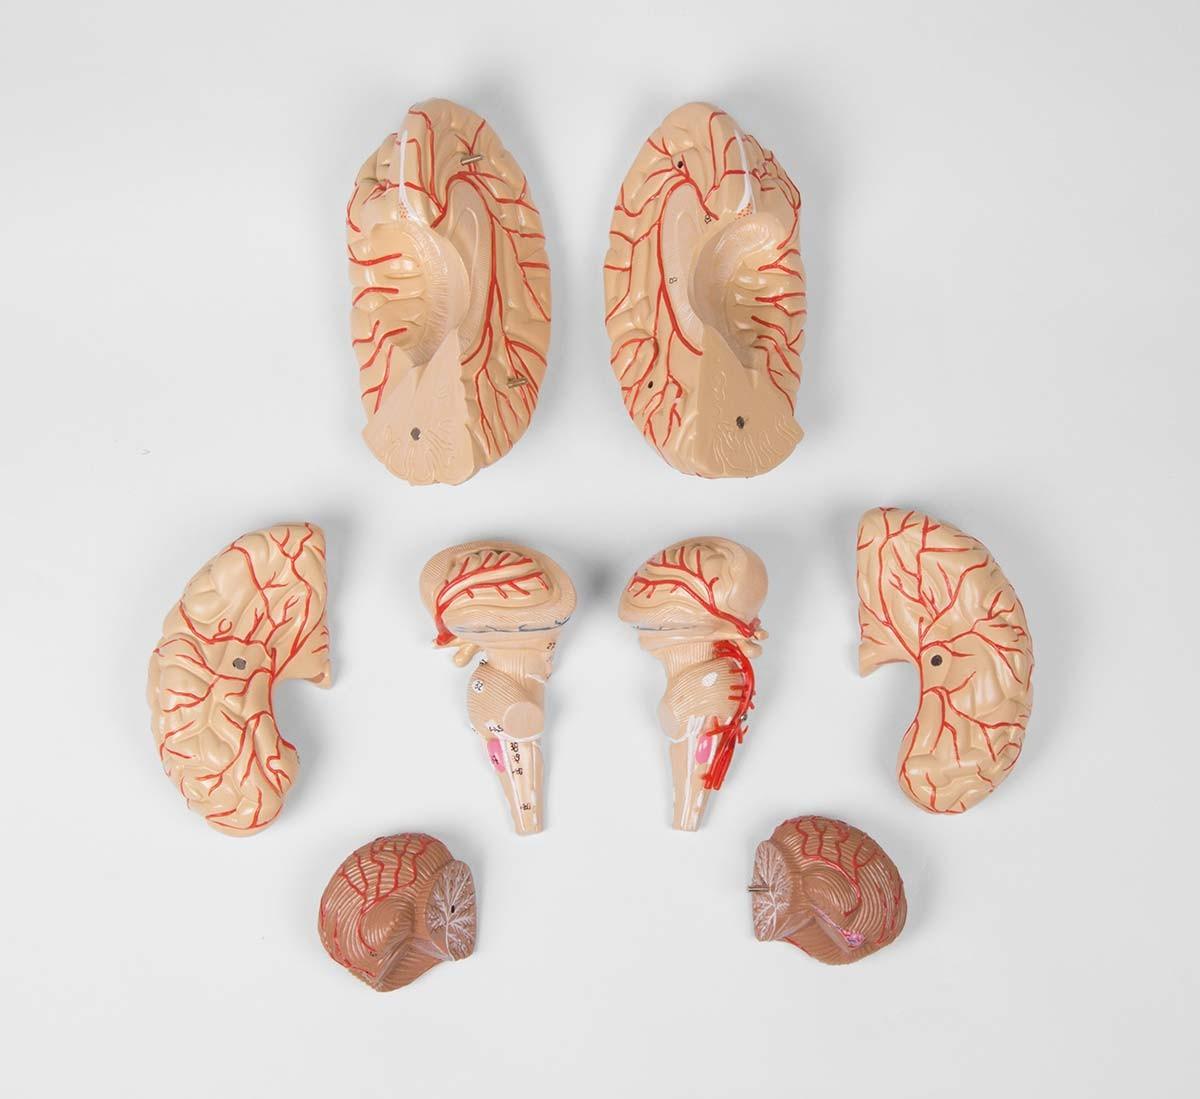 Gehirnmodell, 9-teilig mit Arterien 1